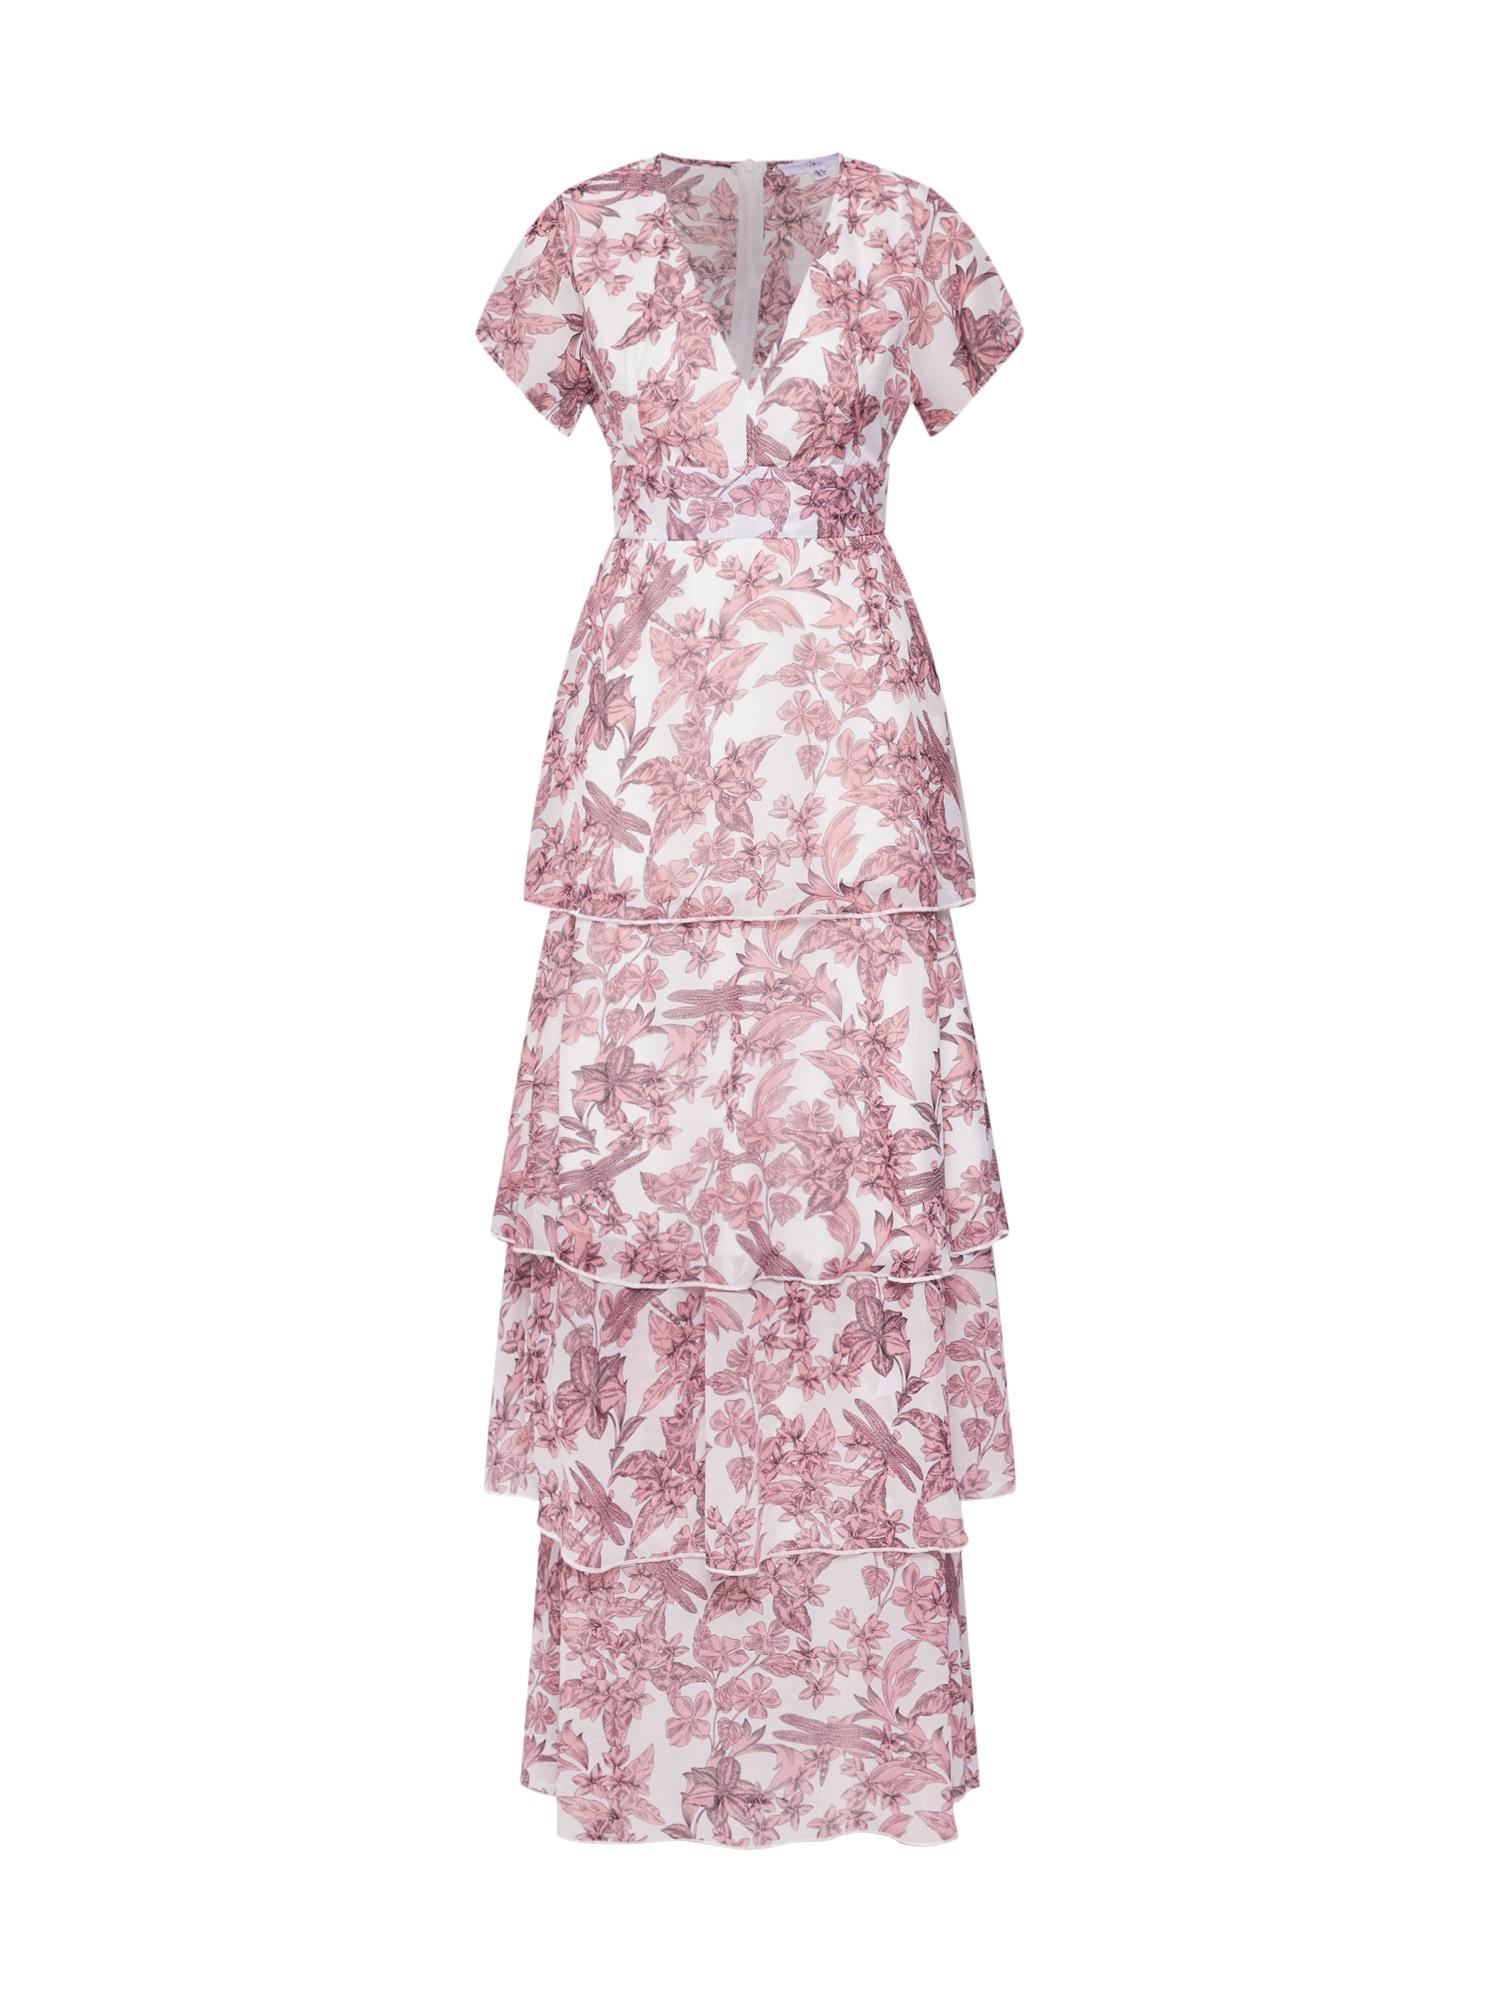 Společenské šaty Floral Frill Layered růže bílá Missguided